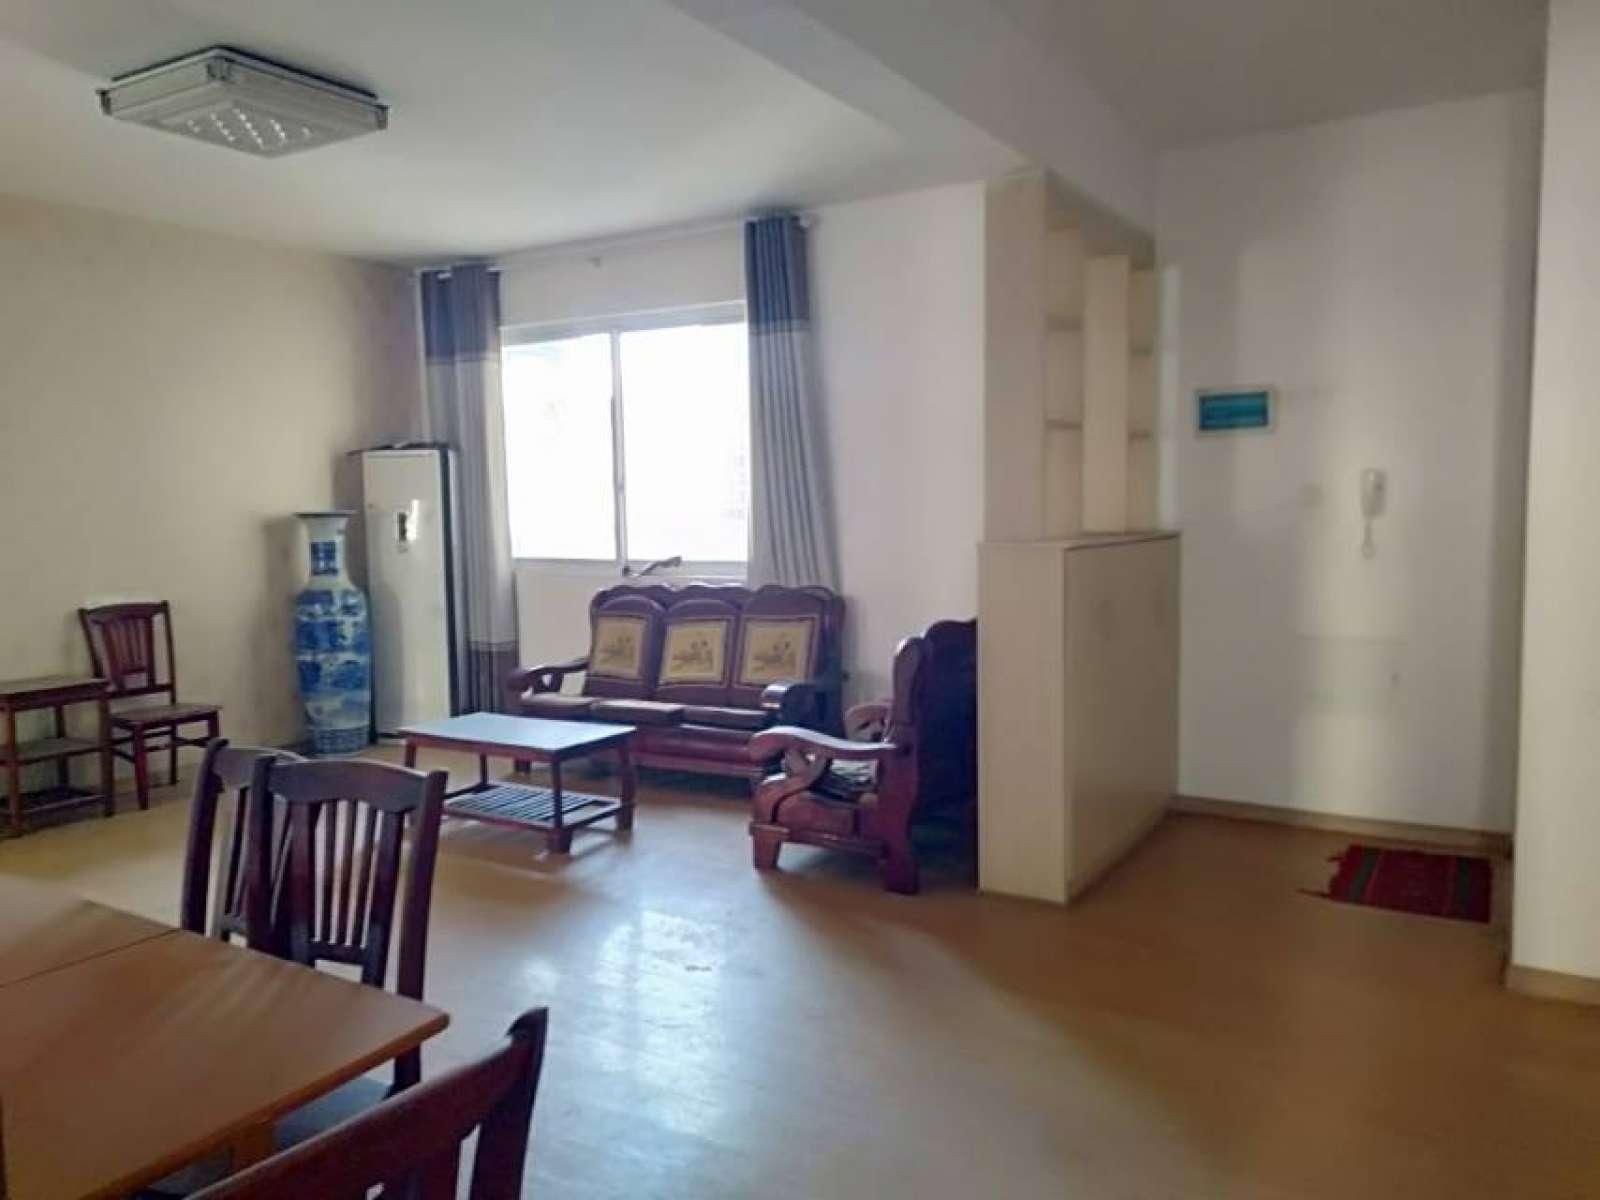 王家凹安置小区 3室2厅120㎡